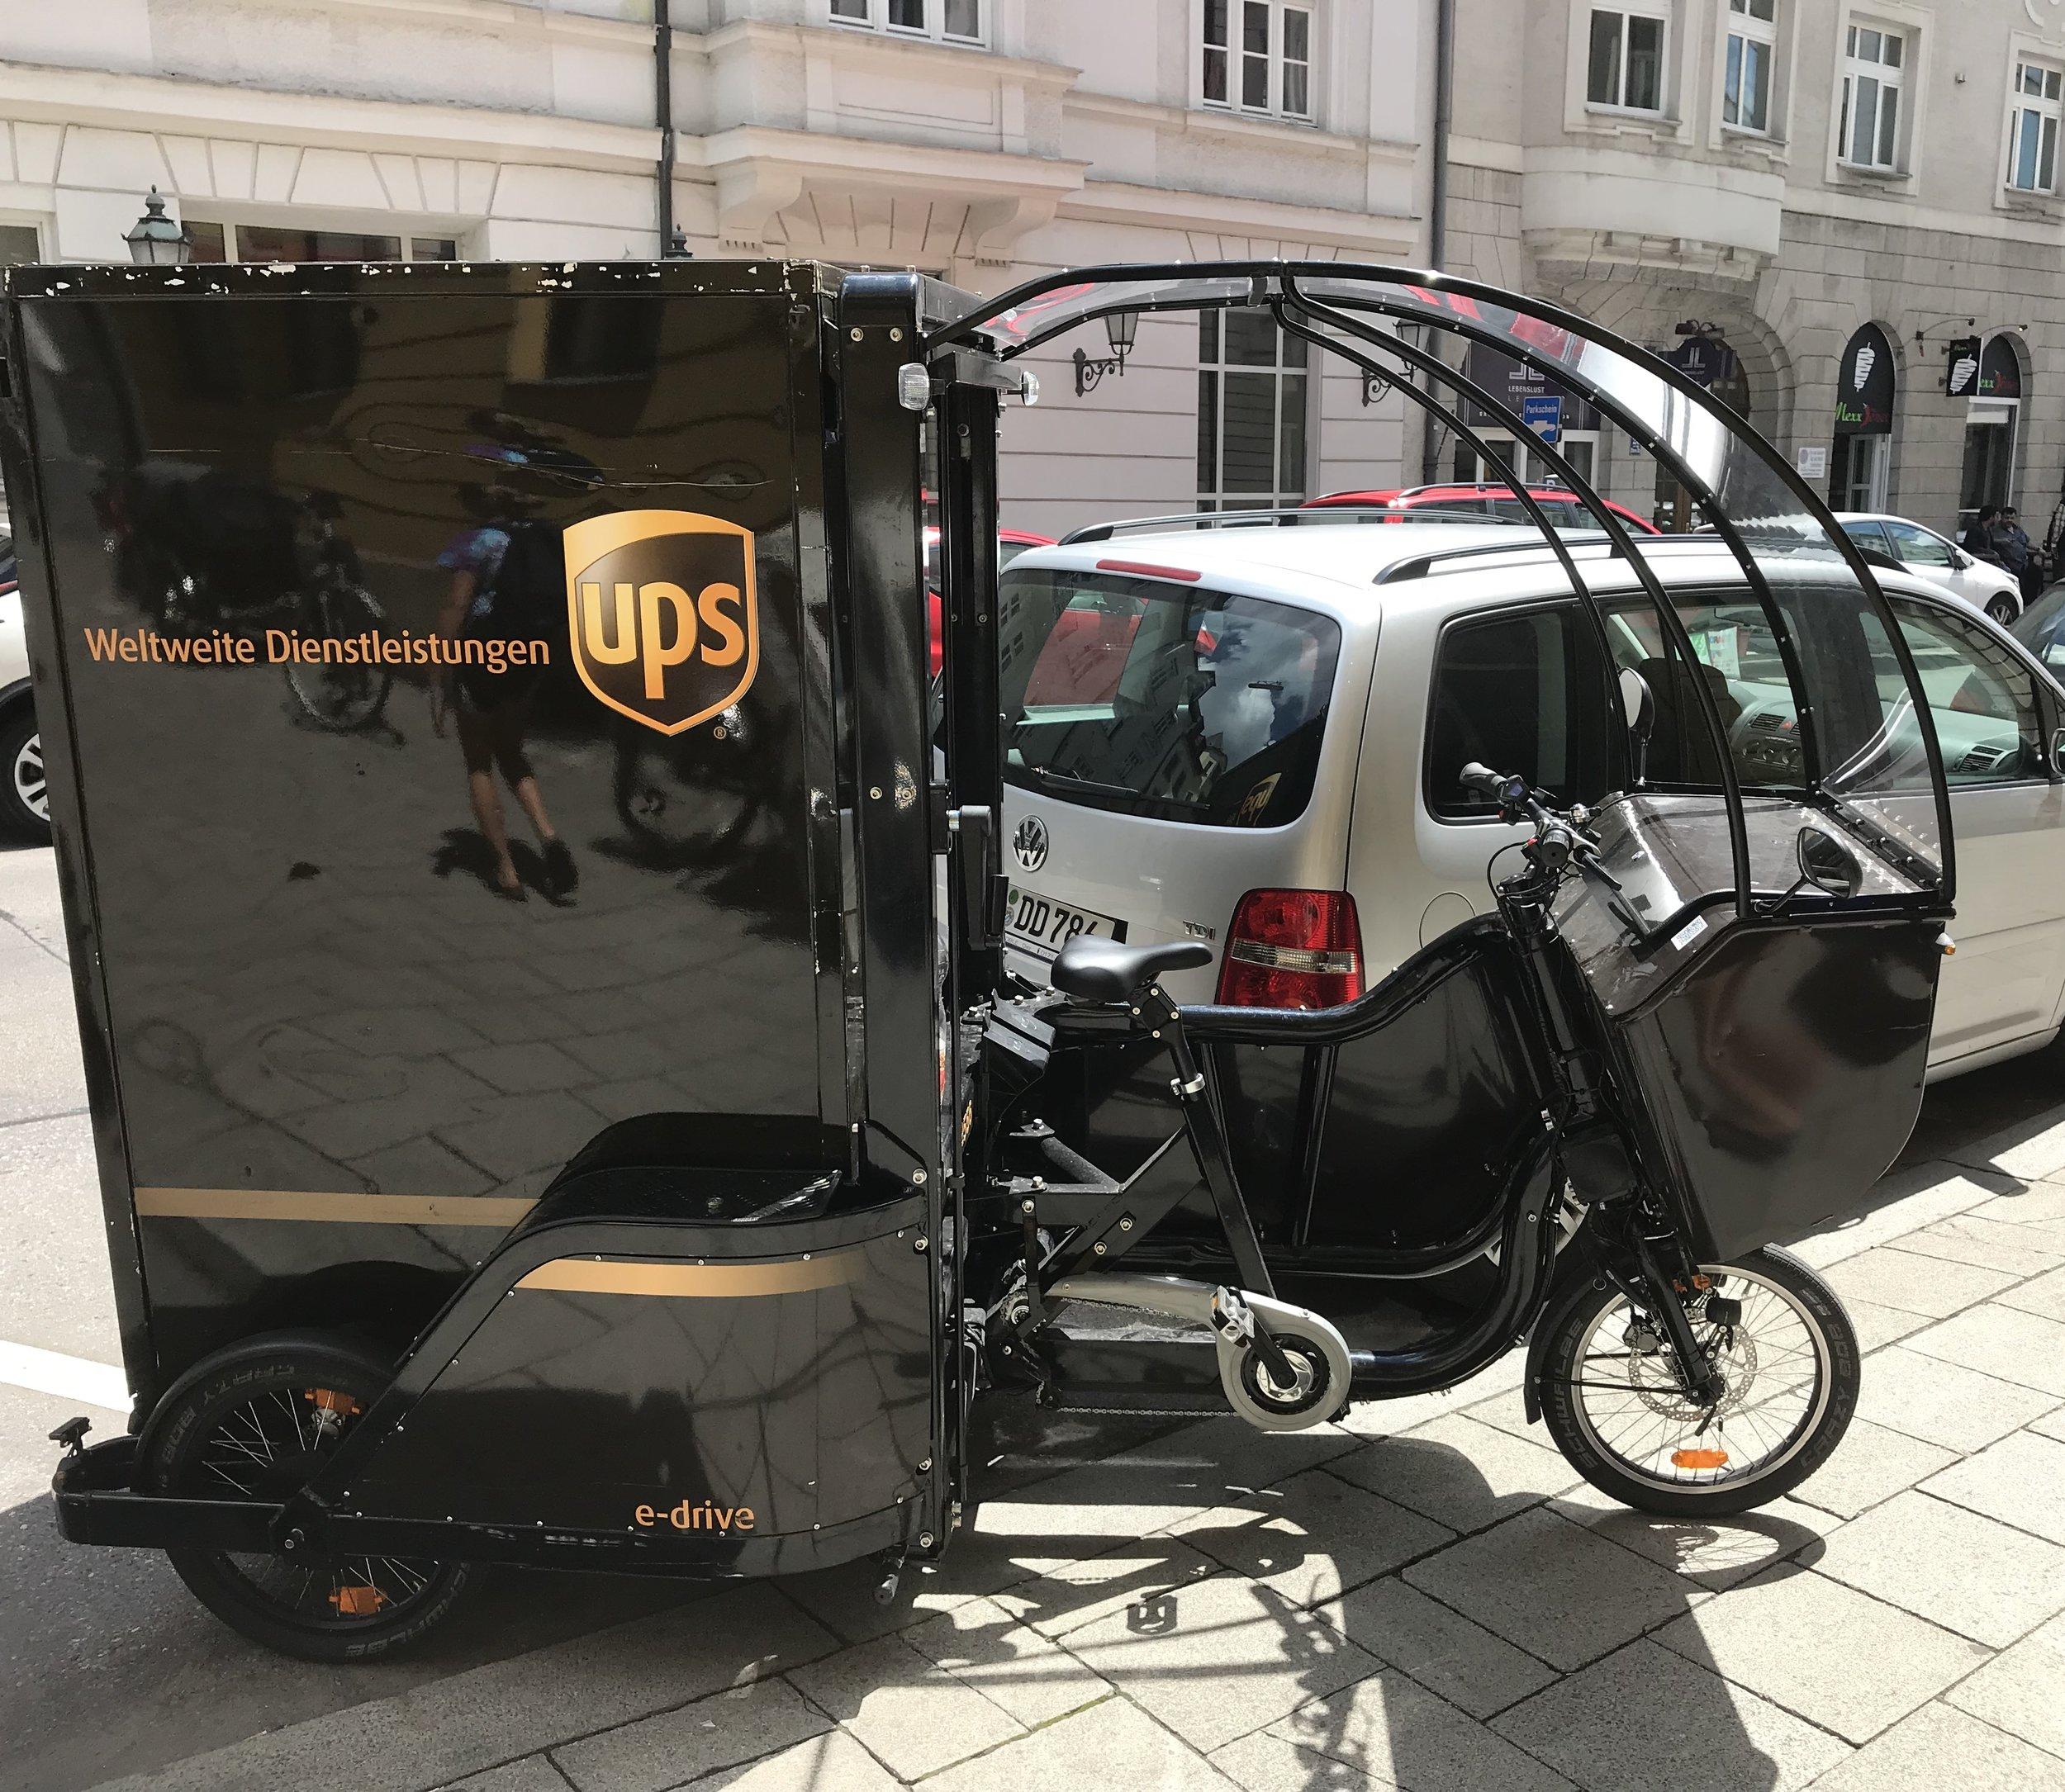 ups cargo bike.jpg